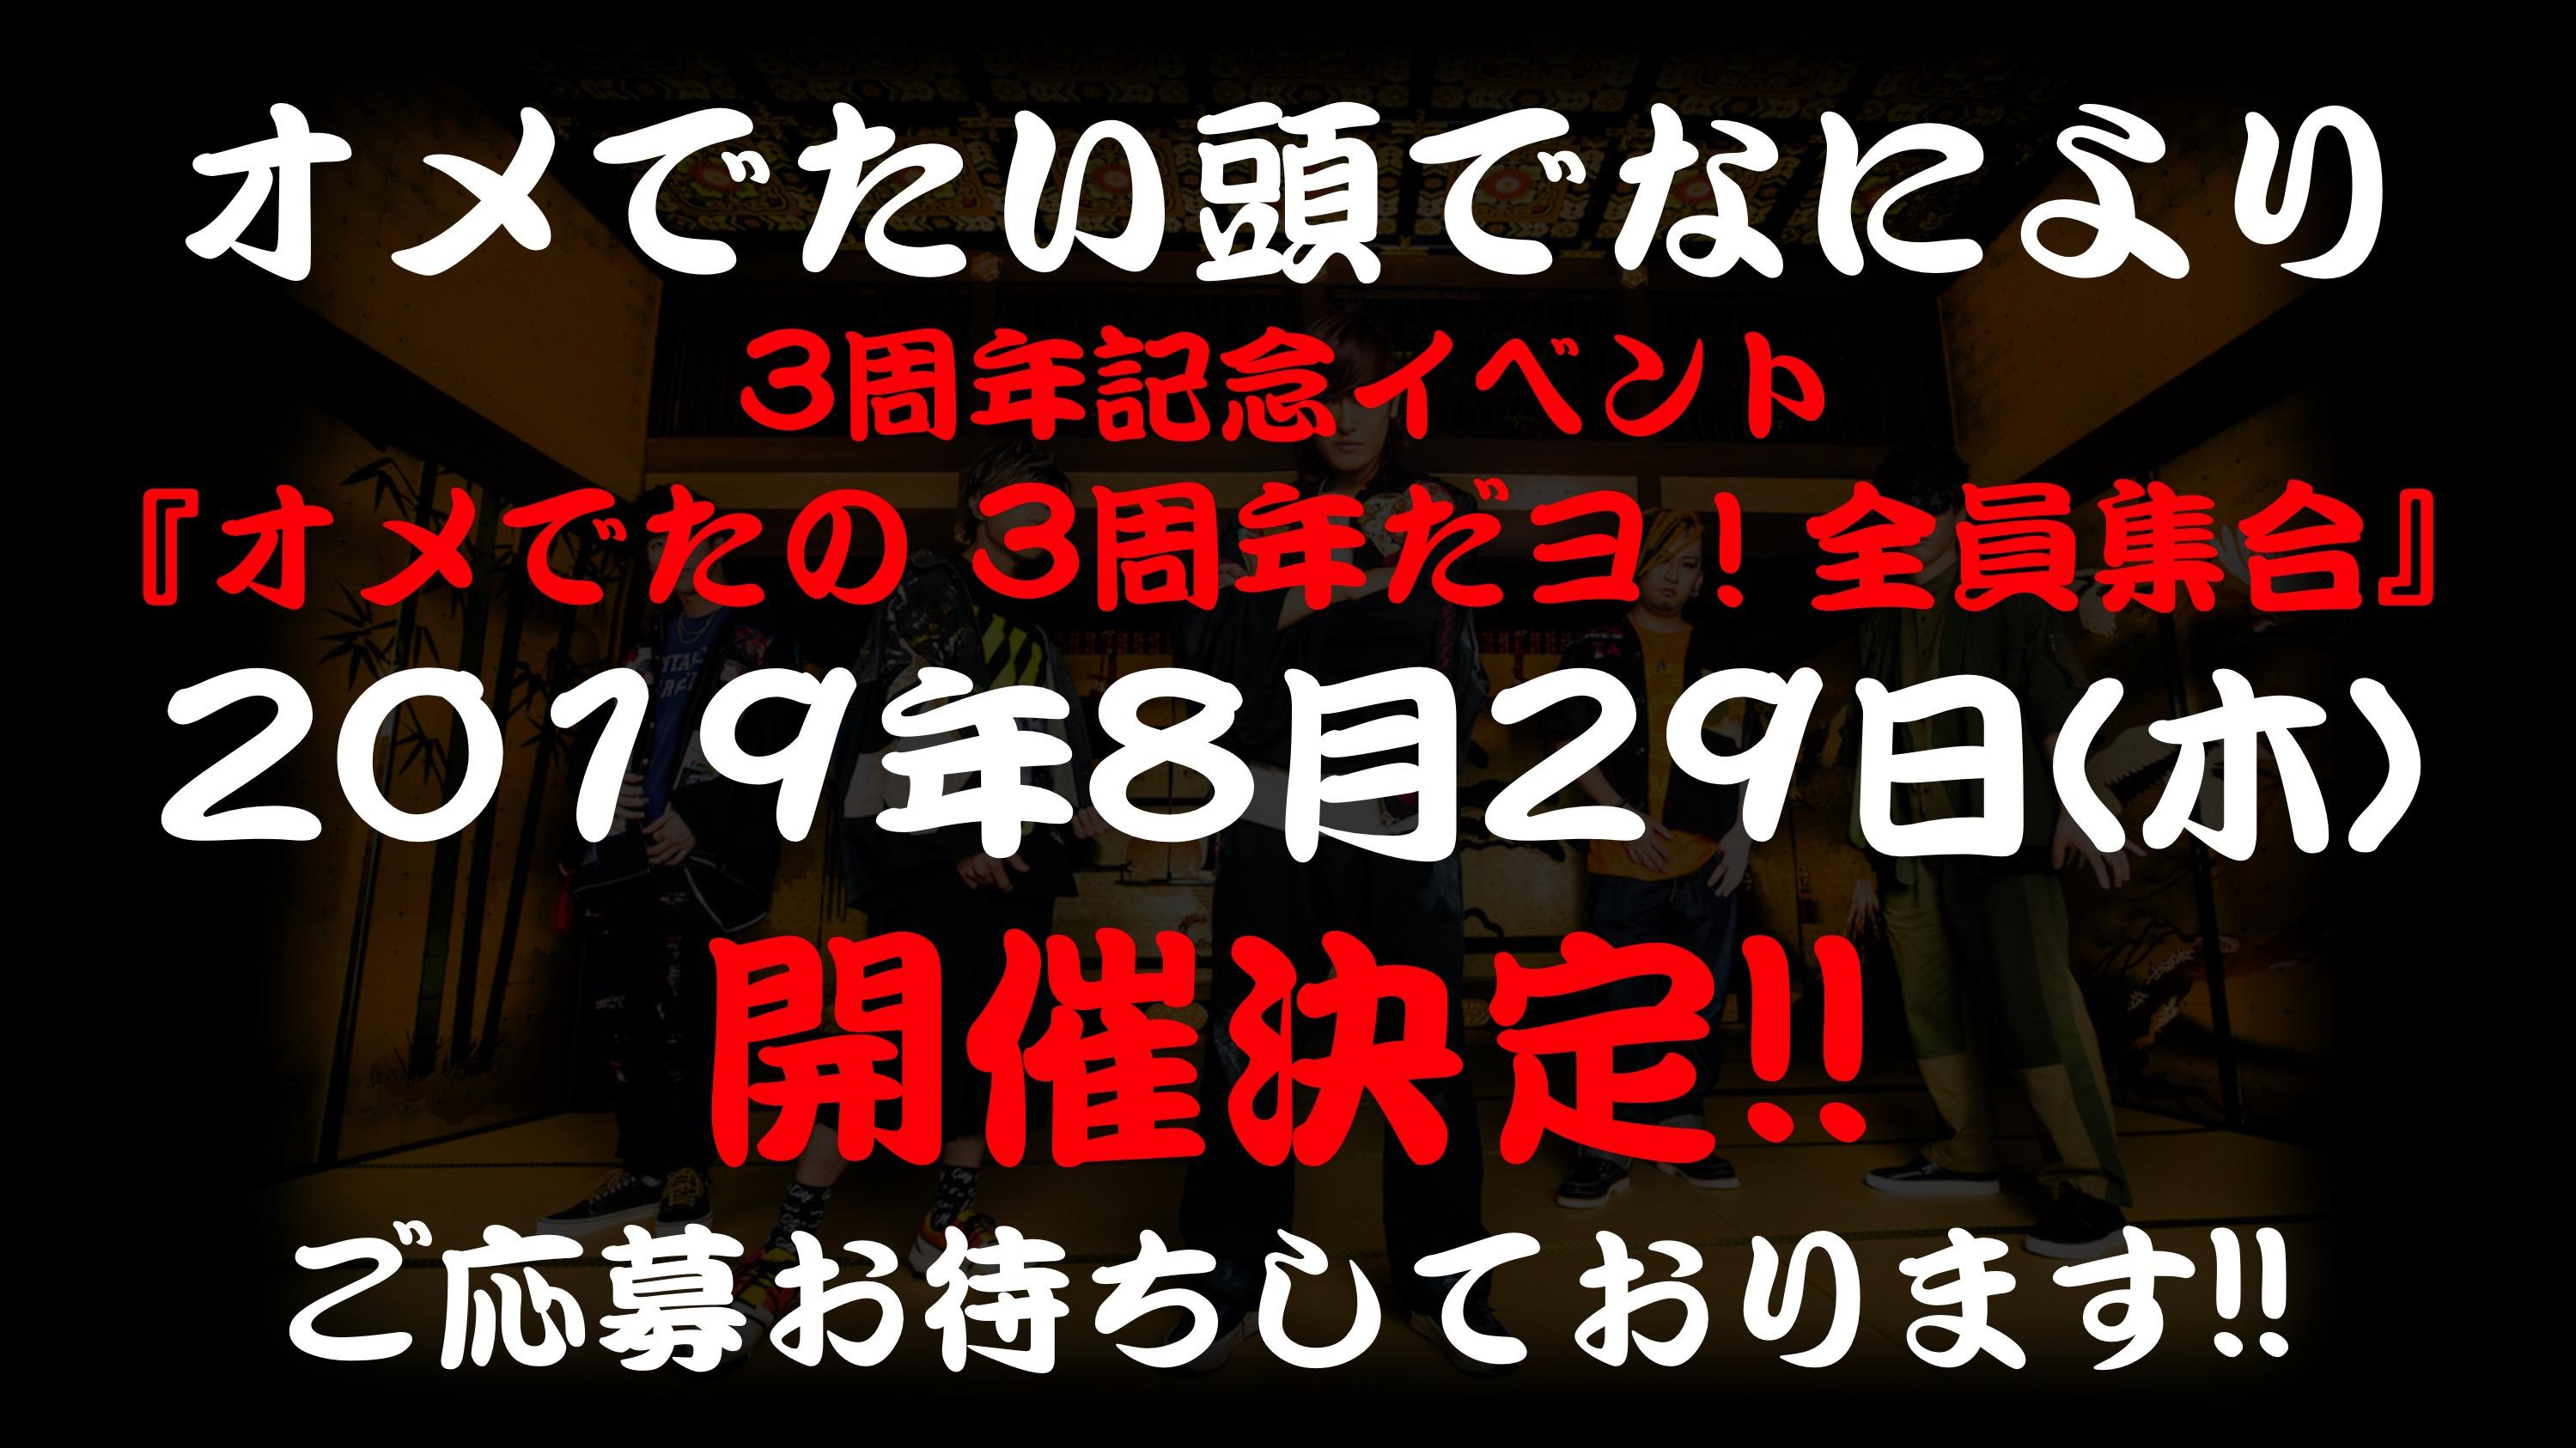 3周年記念イベント開催決定!